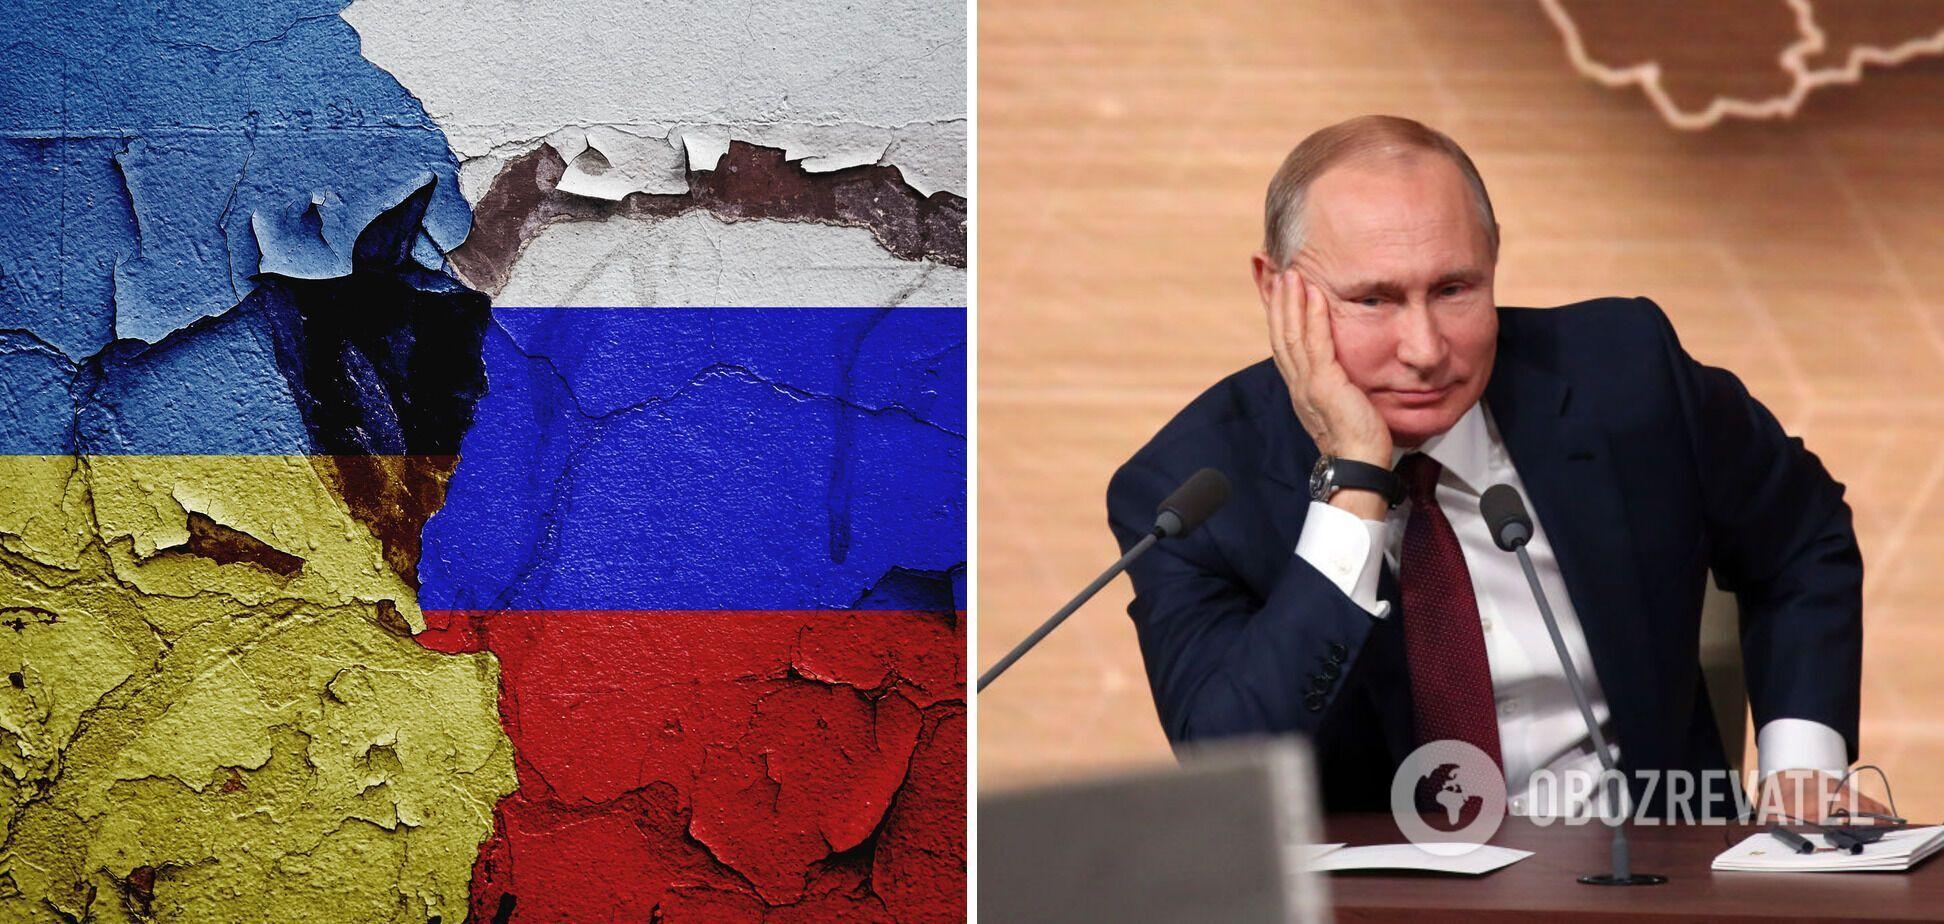 Путін заявив, що розраховує на відновлення відносин РФ з Україною